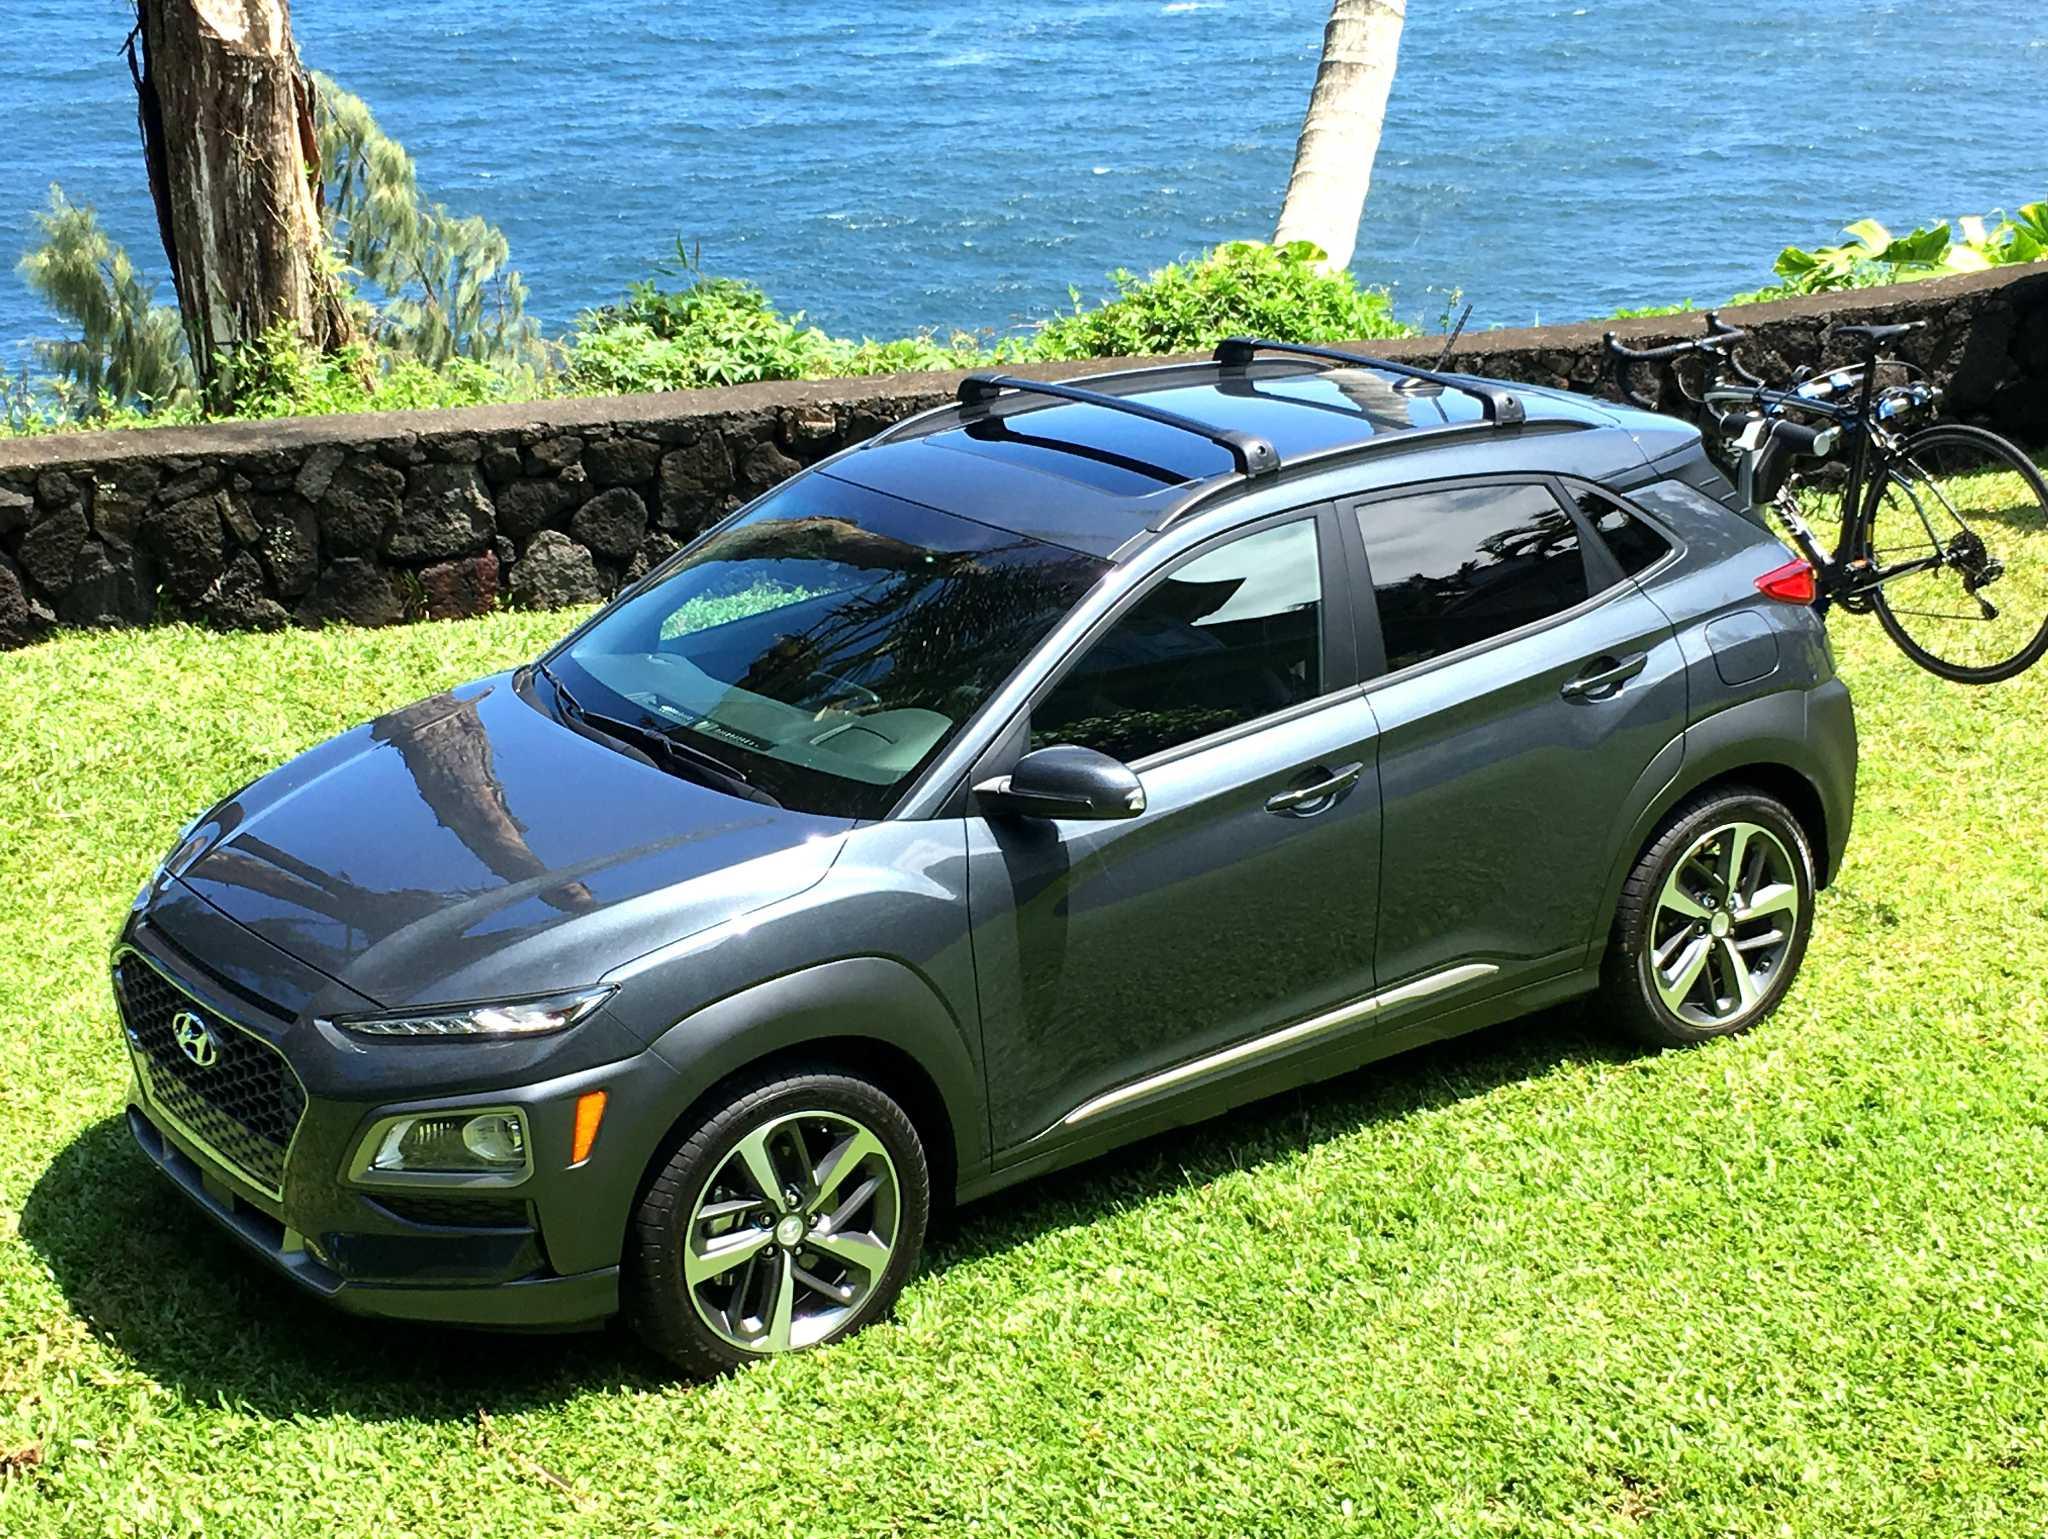 All-new Kona: Small crossover joins Hyundai lineup, starts at $19,500